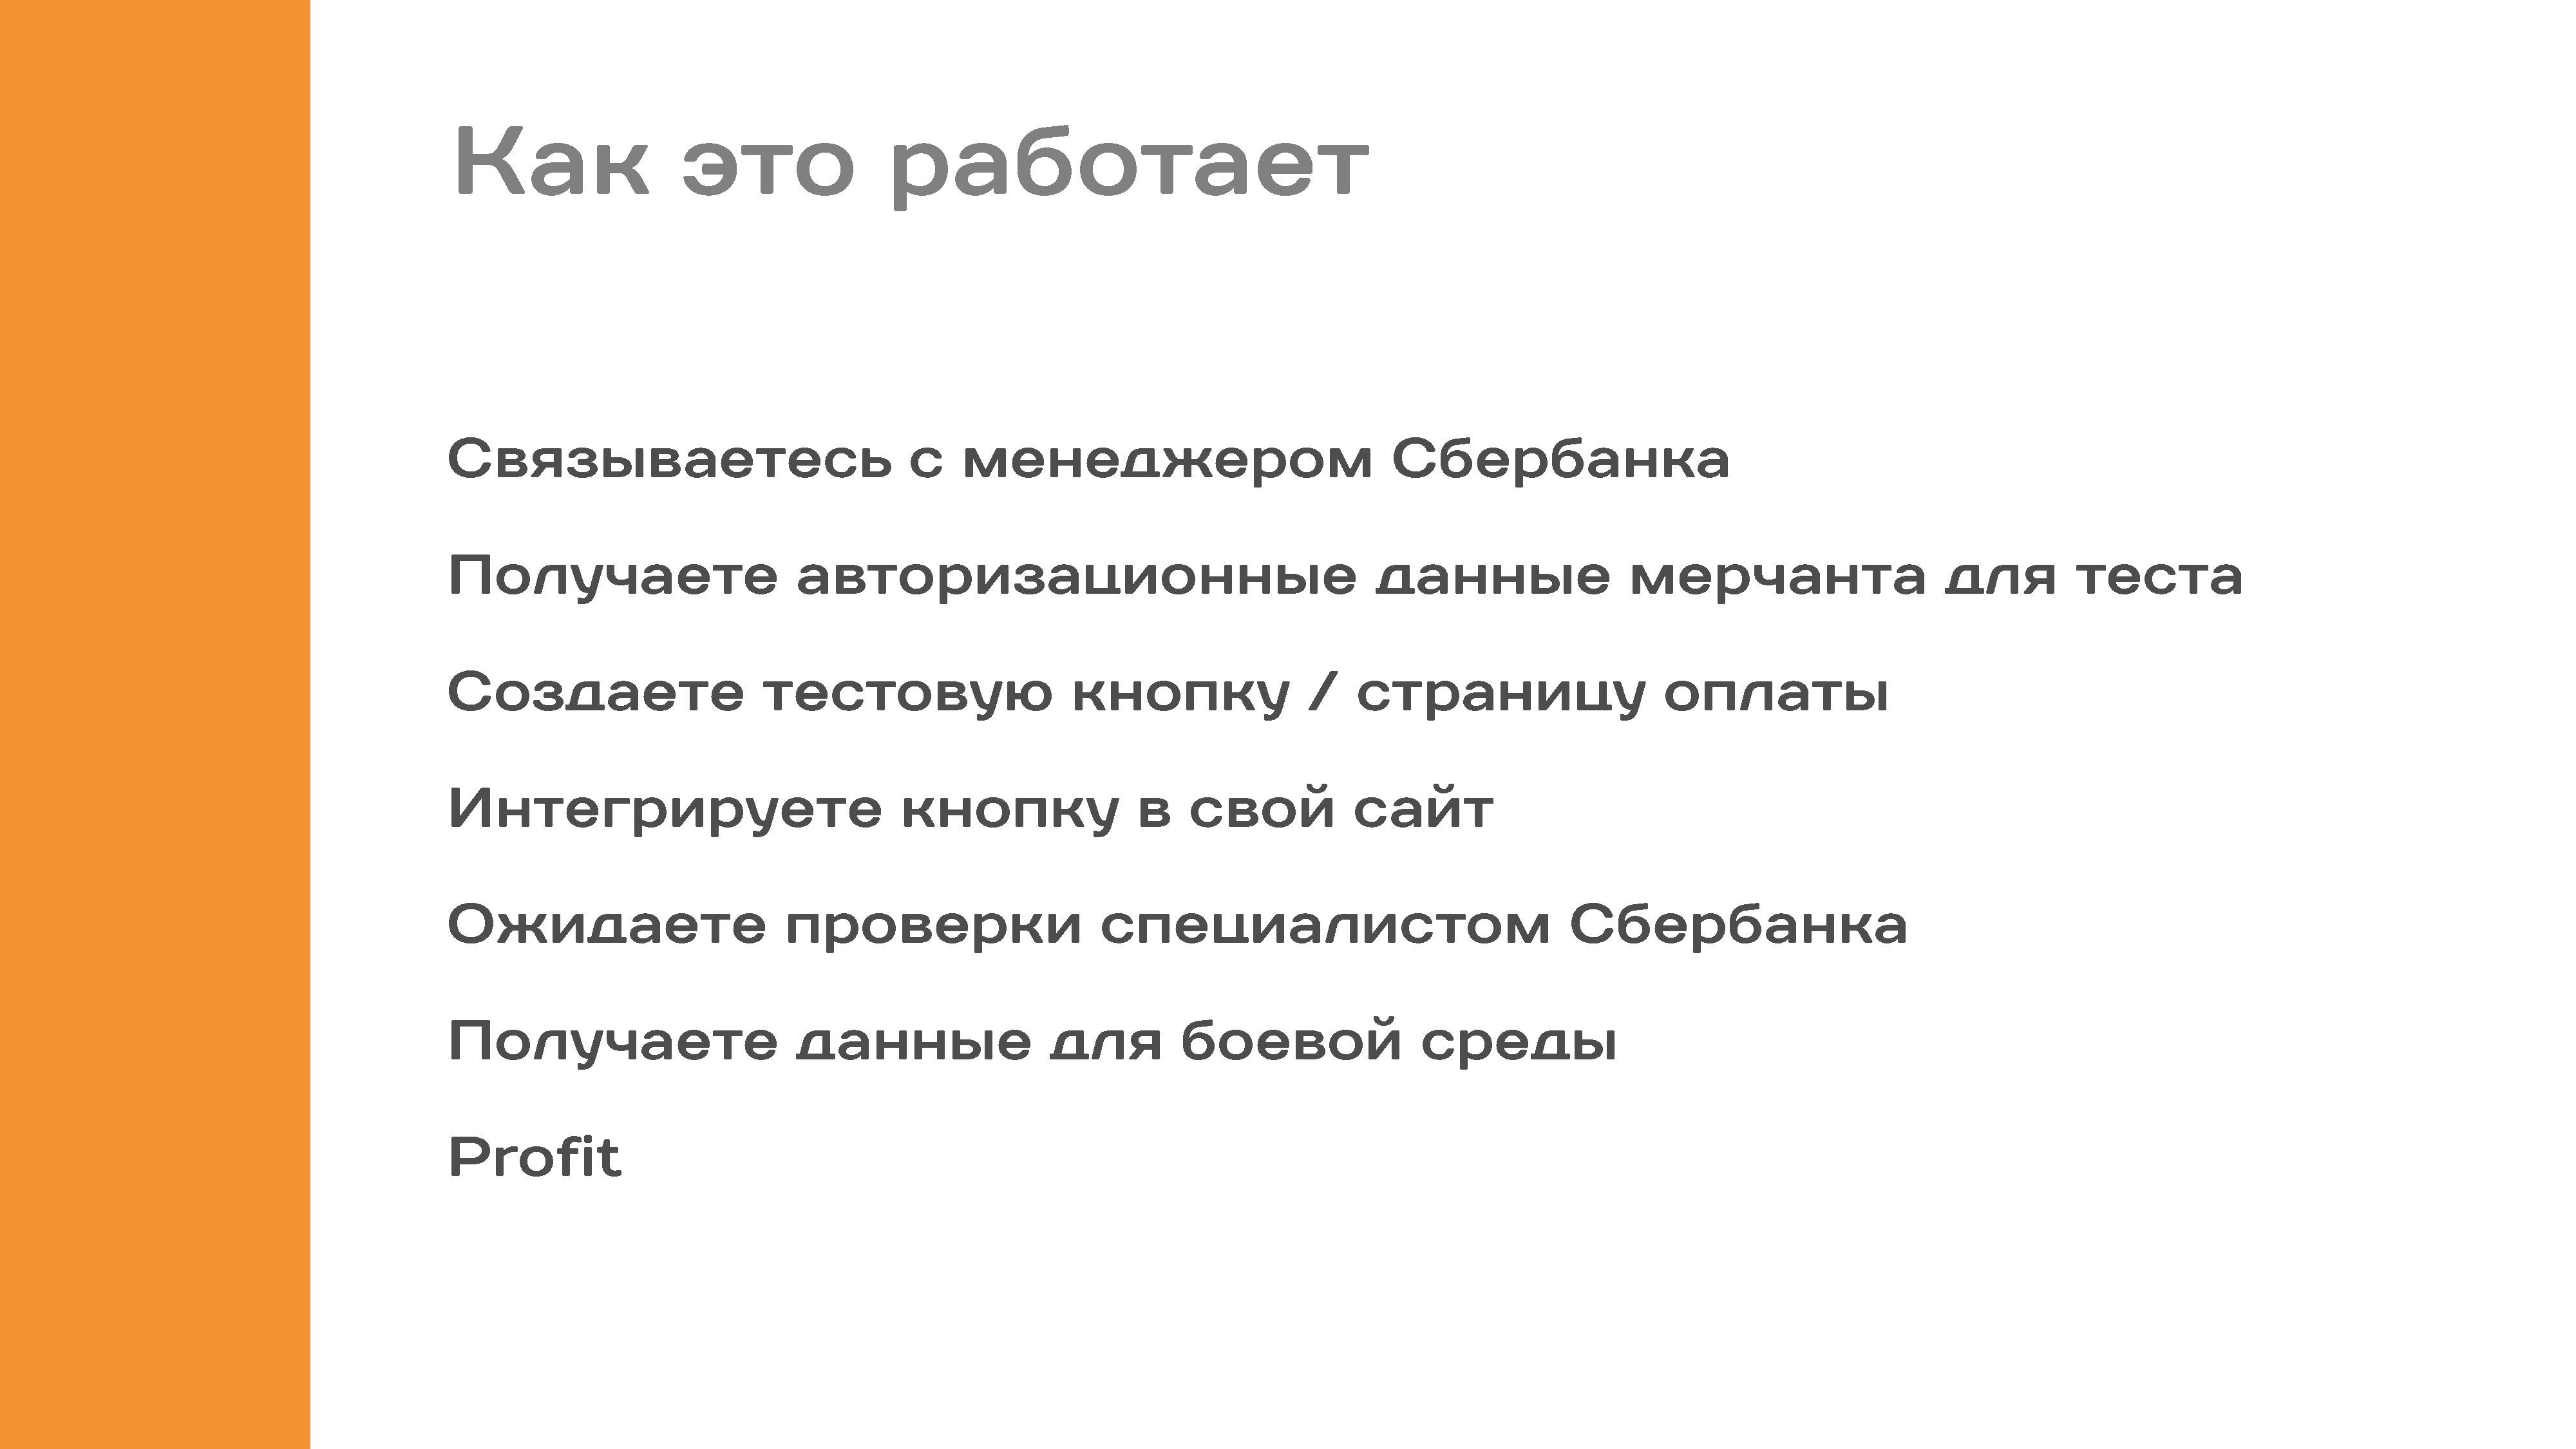 Nikolay_Mironov_-_Integratsia_platezhnoy_sistemy_odnoy_knopkoy_Страница_06